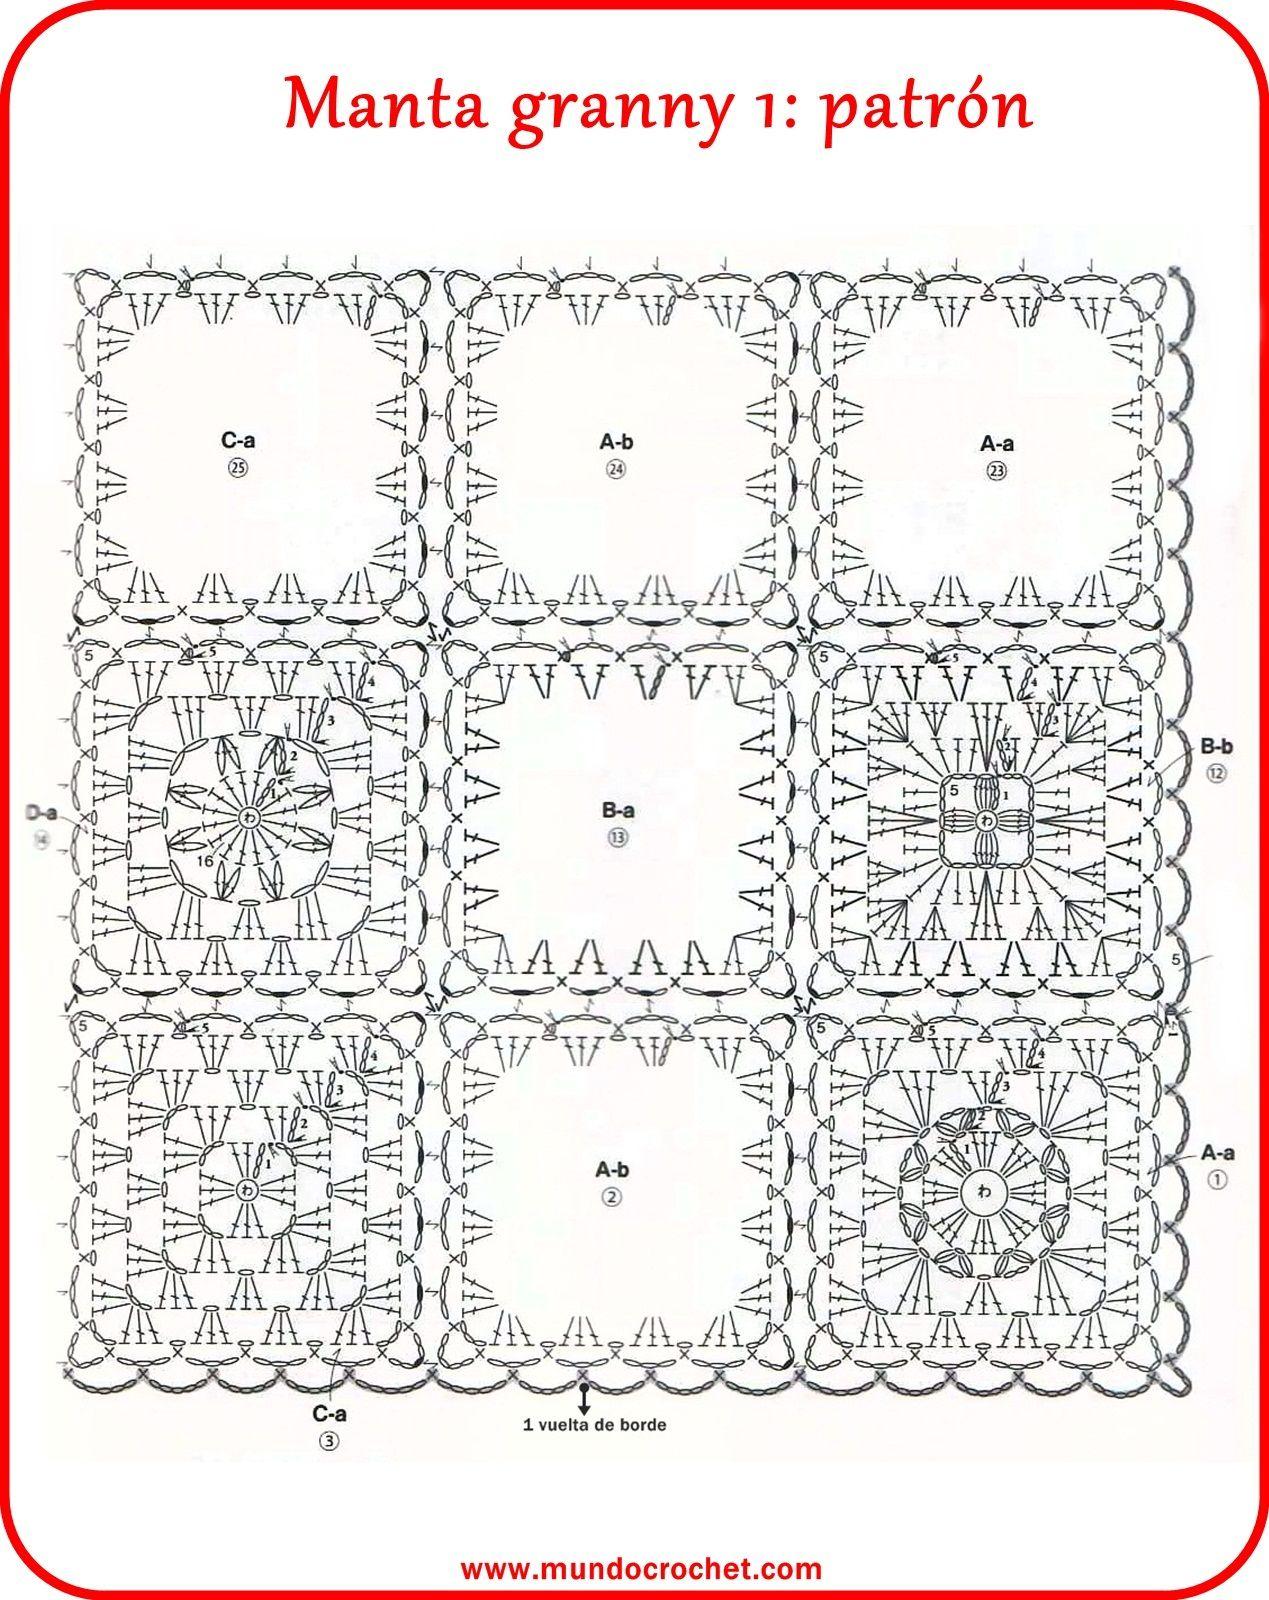 Manta granny 1-2 | Afganos | Pinterest | Patrones manta, Manta y ...